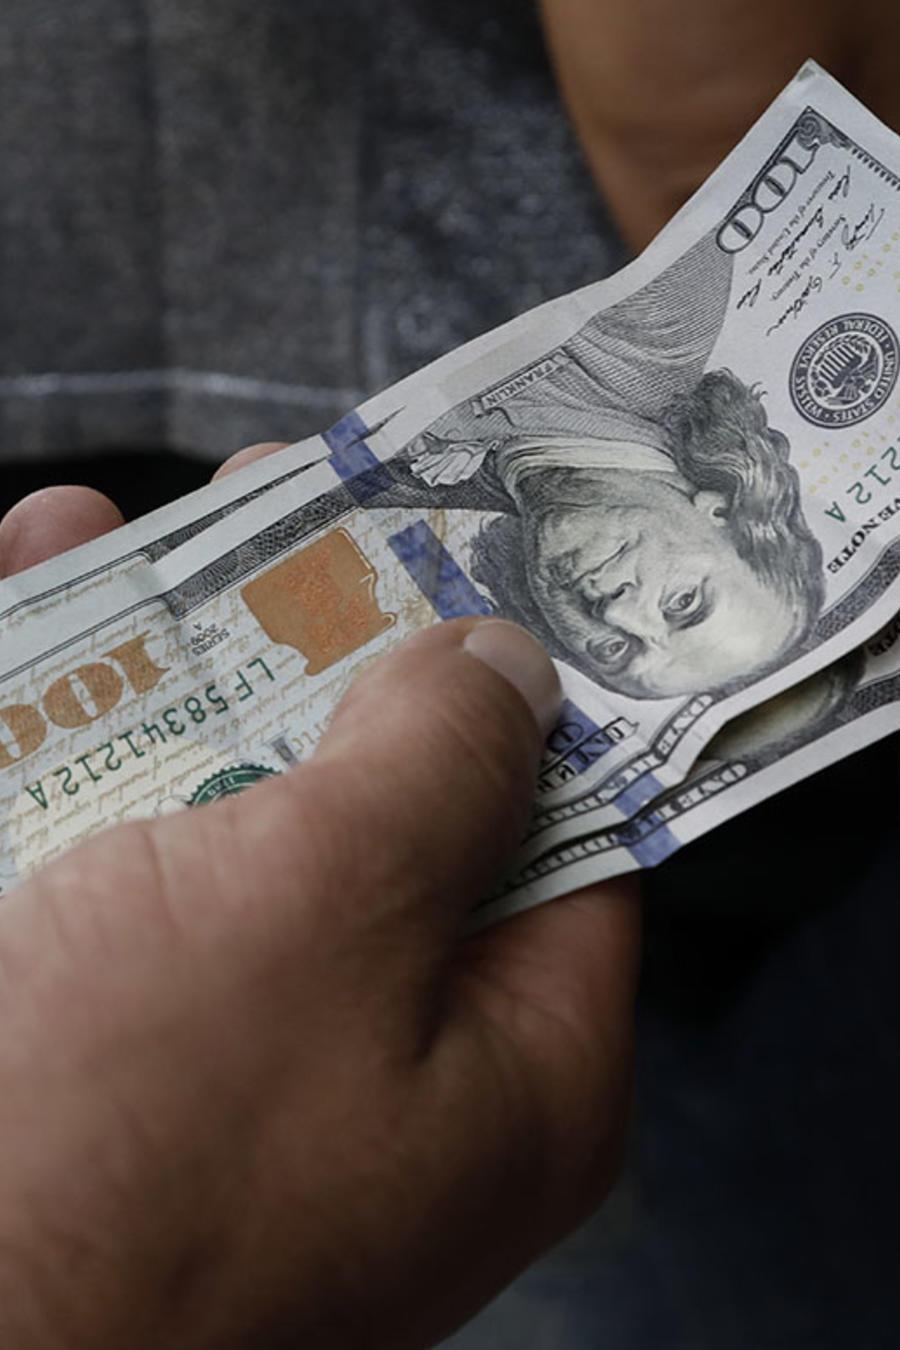 Un hombre sostiene en sus manos varios billetes de 100 dólares americanos.